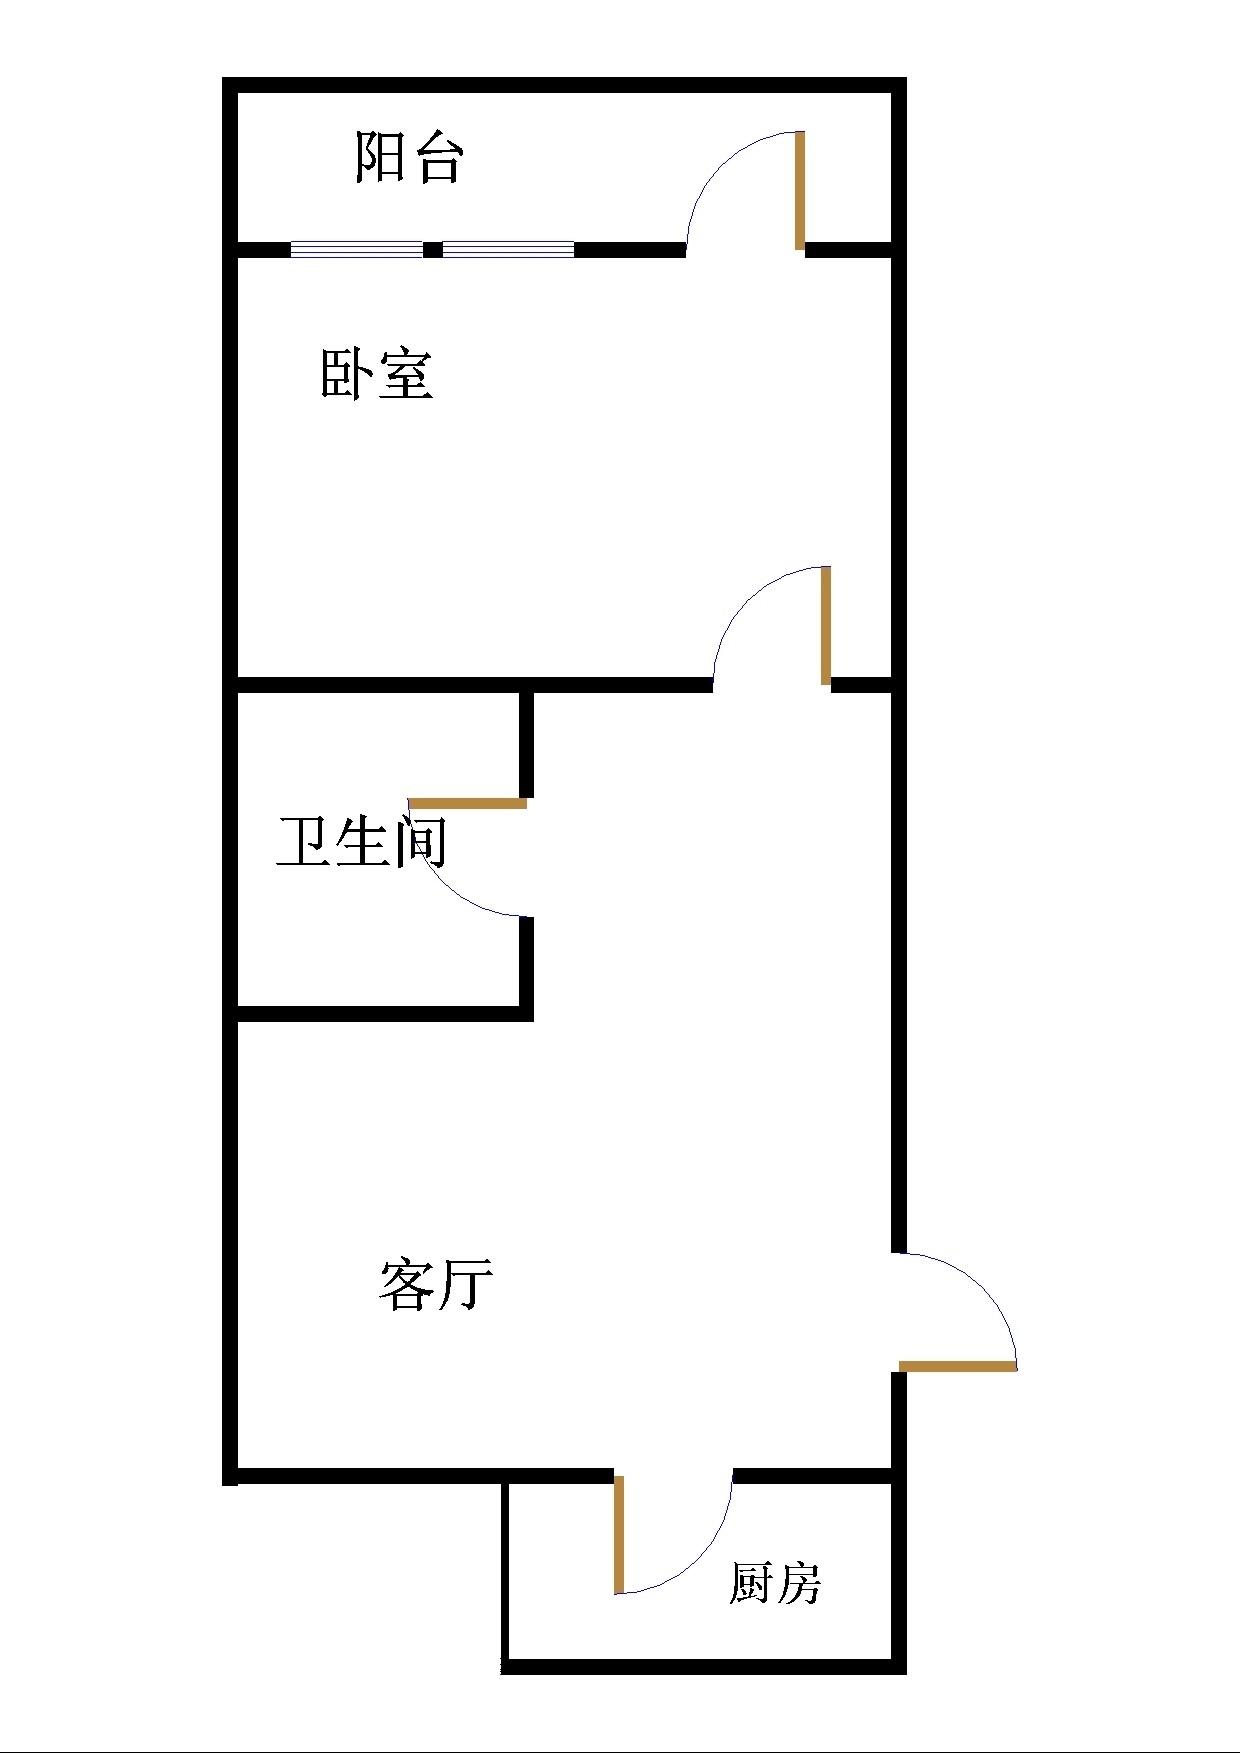 长河小区 1室1厅 双证齐全过五年 简装 45万